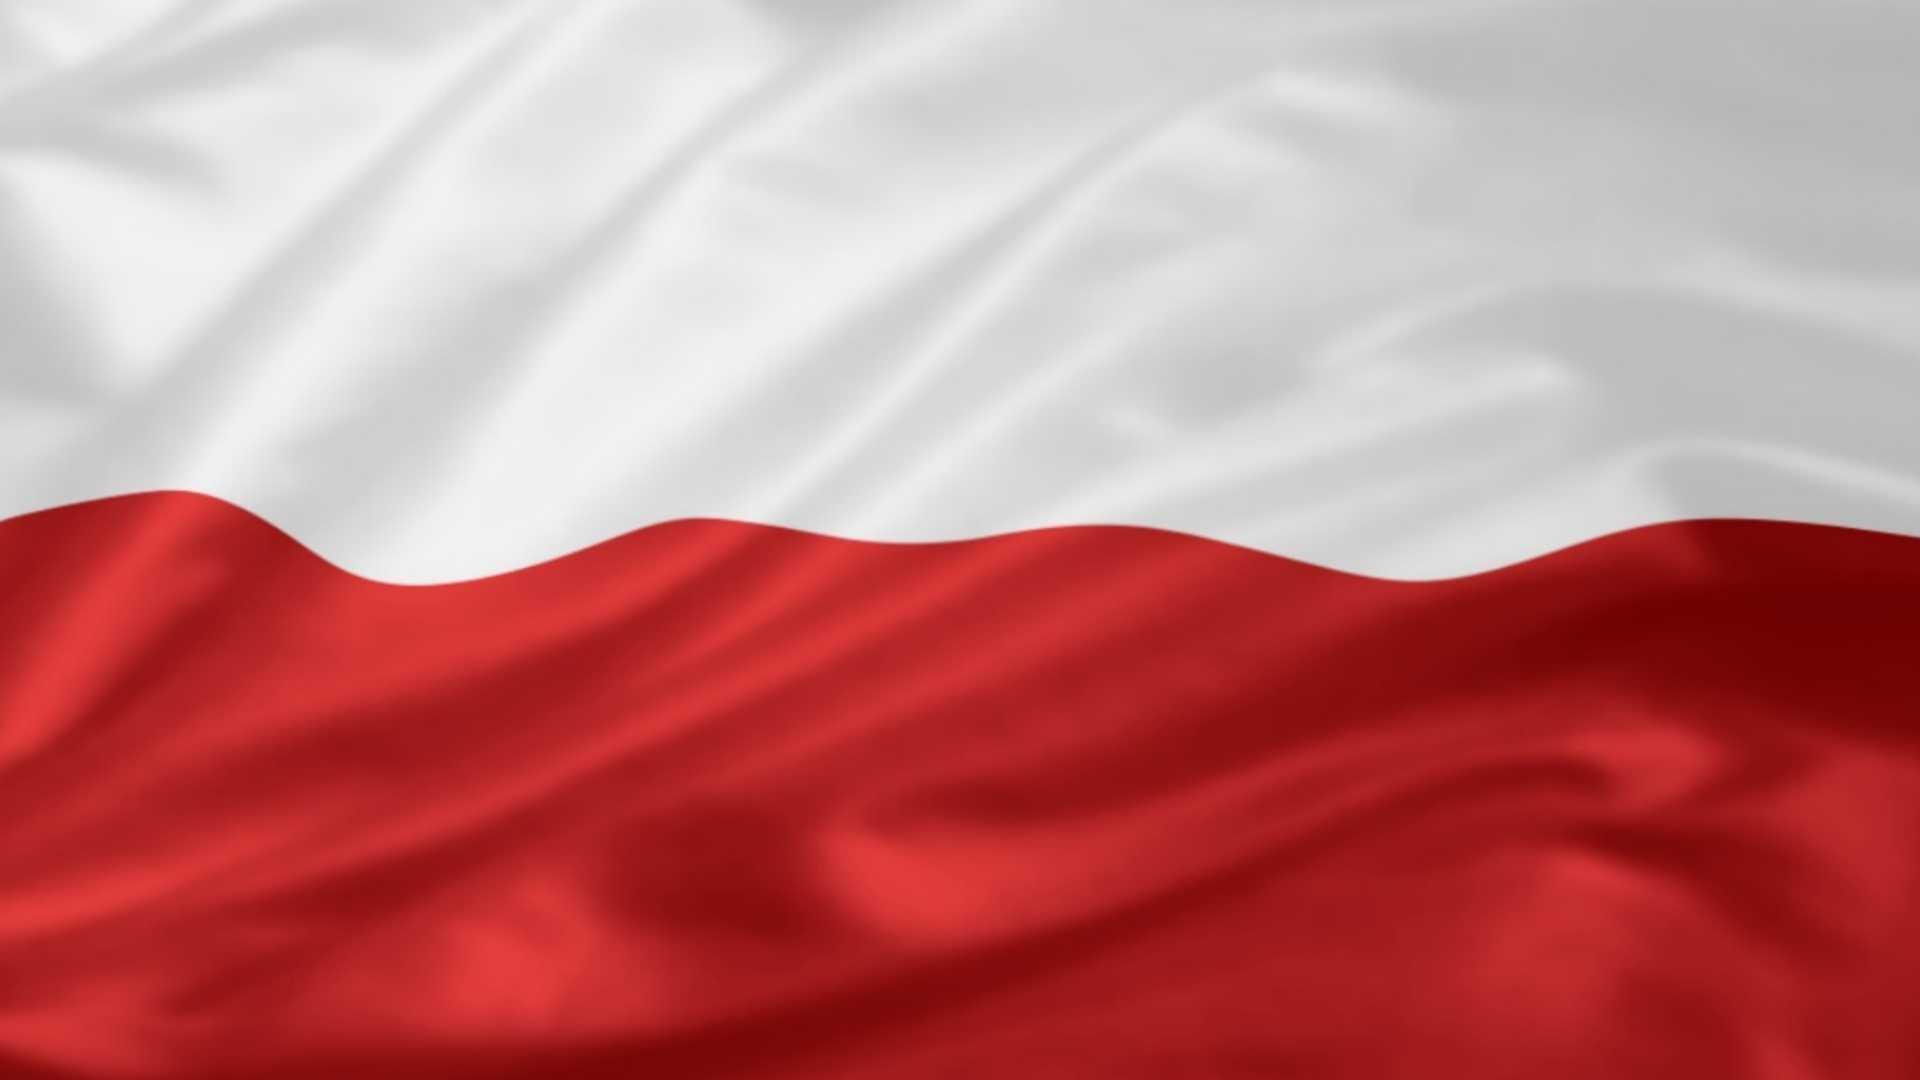 Biskupi Odzyskana 100 Lat Temu Niepodległość Wymaga Troski O